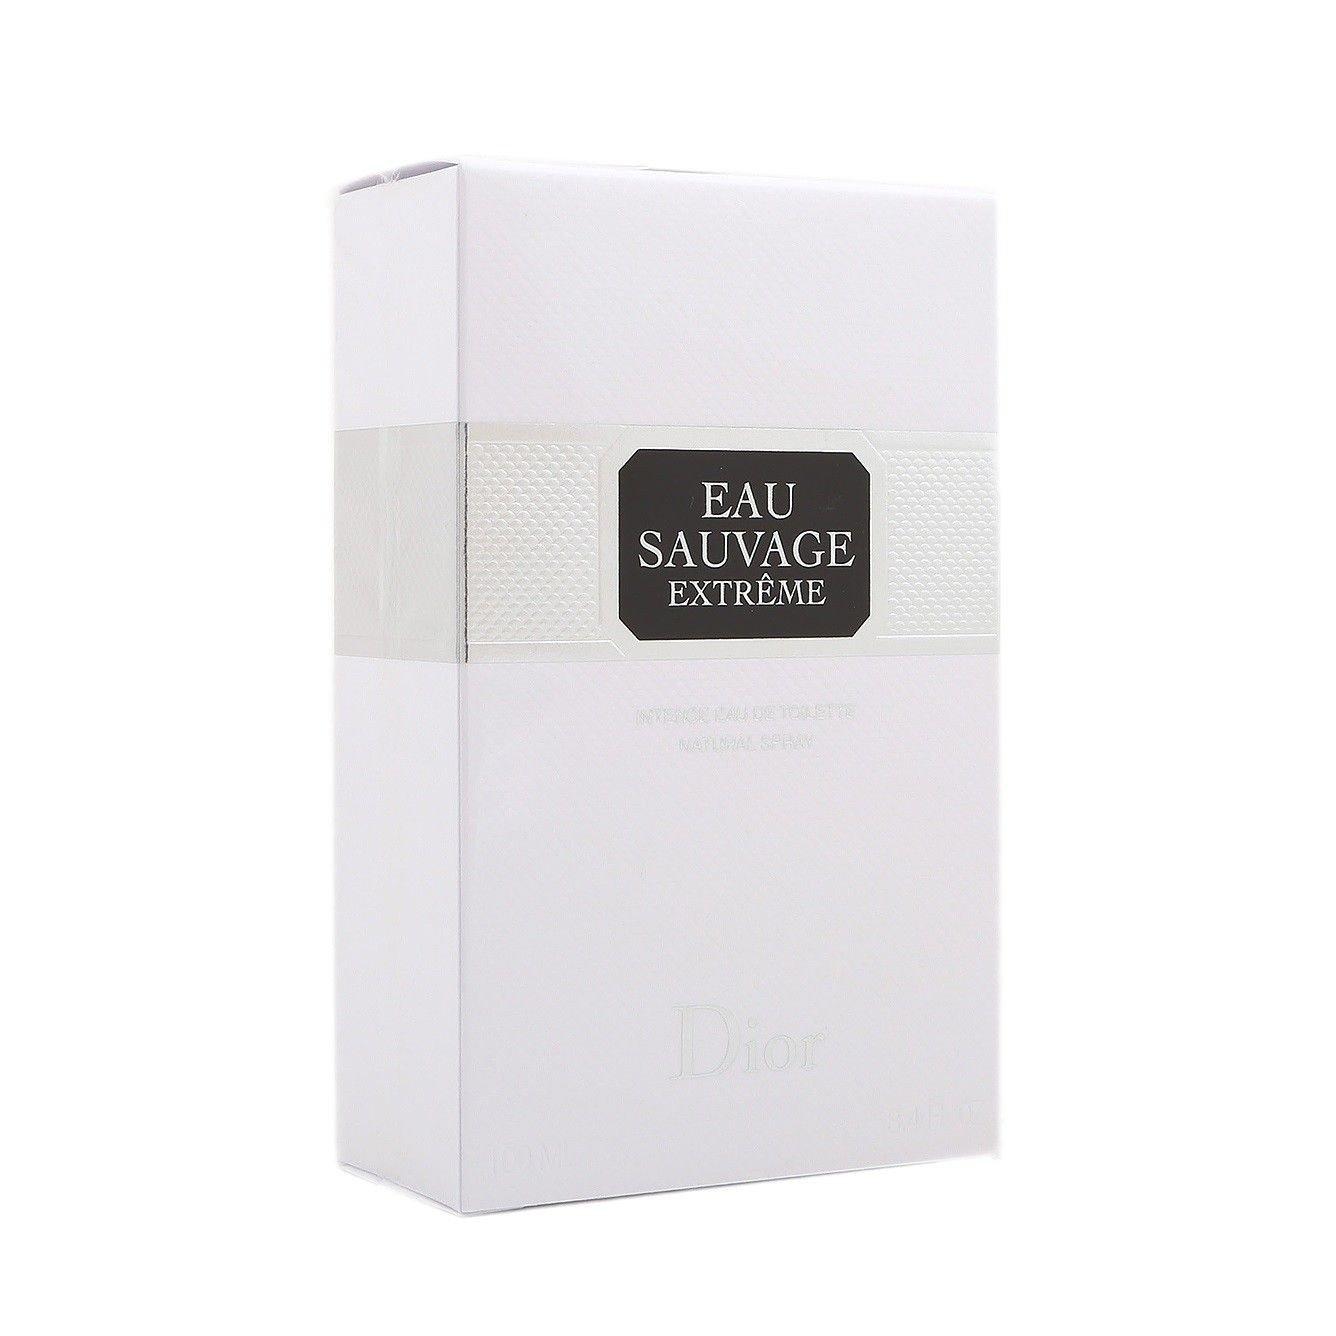 Christian Dior Eau Sauvage Extreme Eau de Toilette